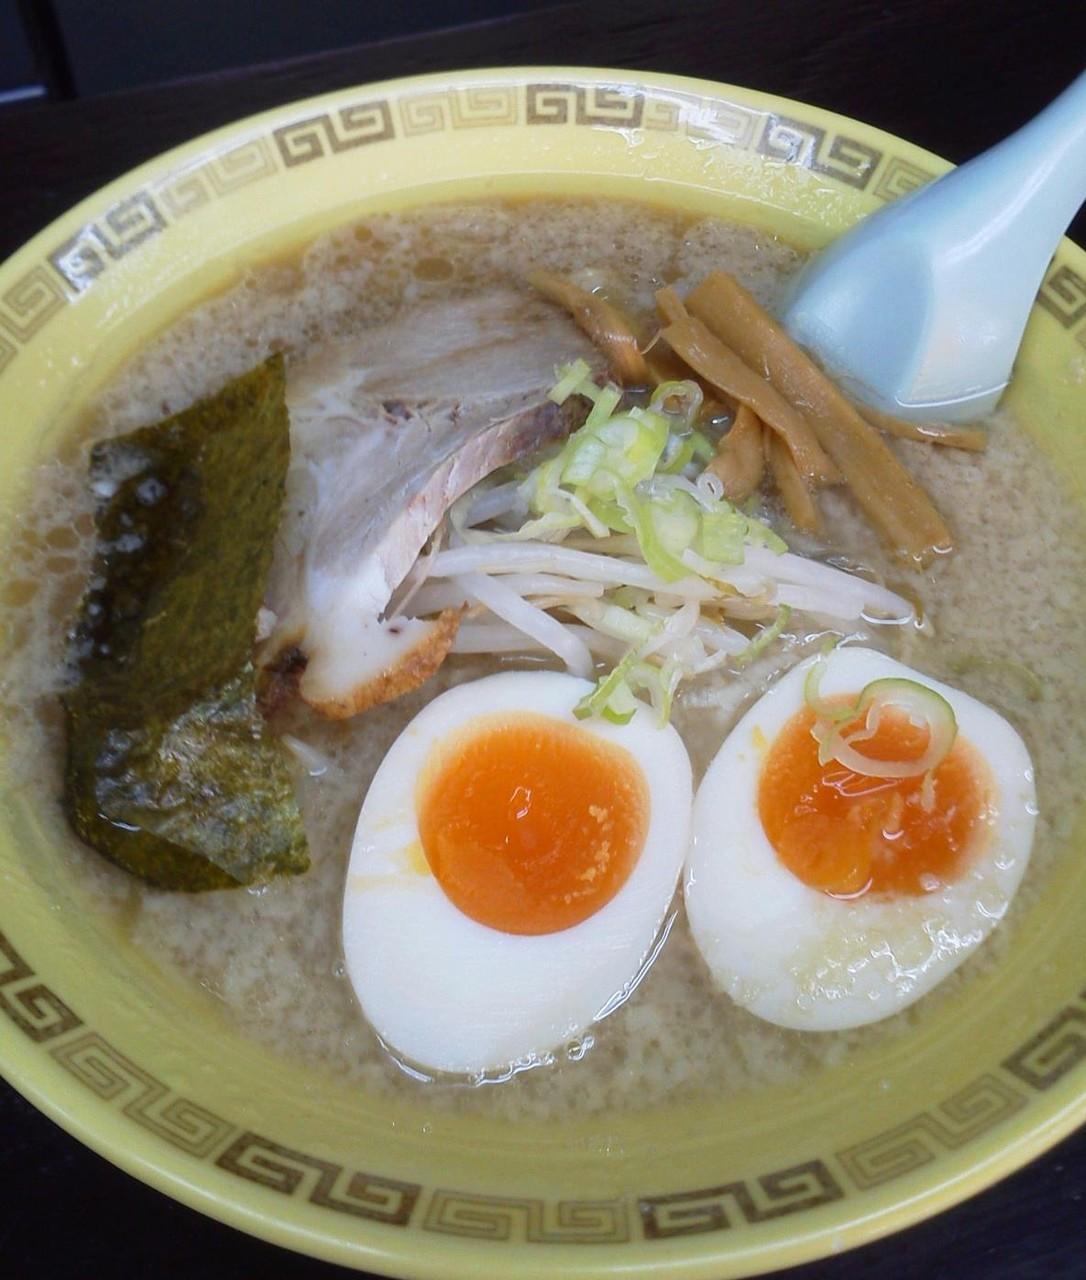 今日の麺は、江川亭小金井本店の味付玉子麺だよぉ~! 昨日のゴルフ担々麺に比べると28倍はマシだよぉ~! 【2011年10月2日】